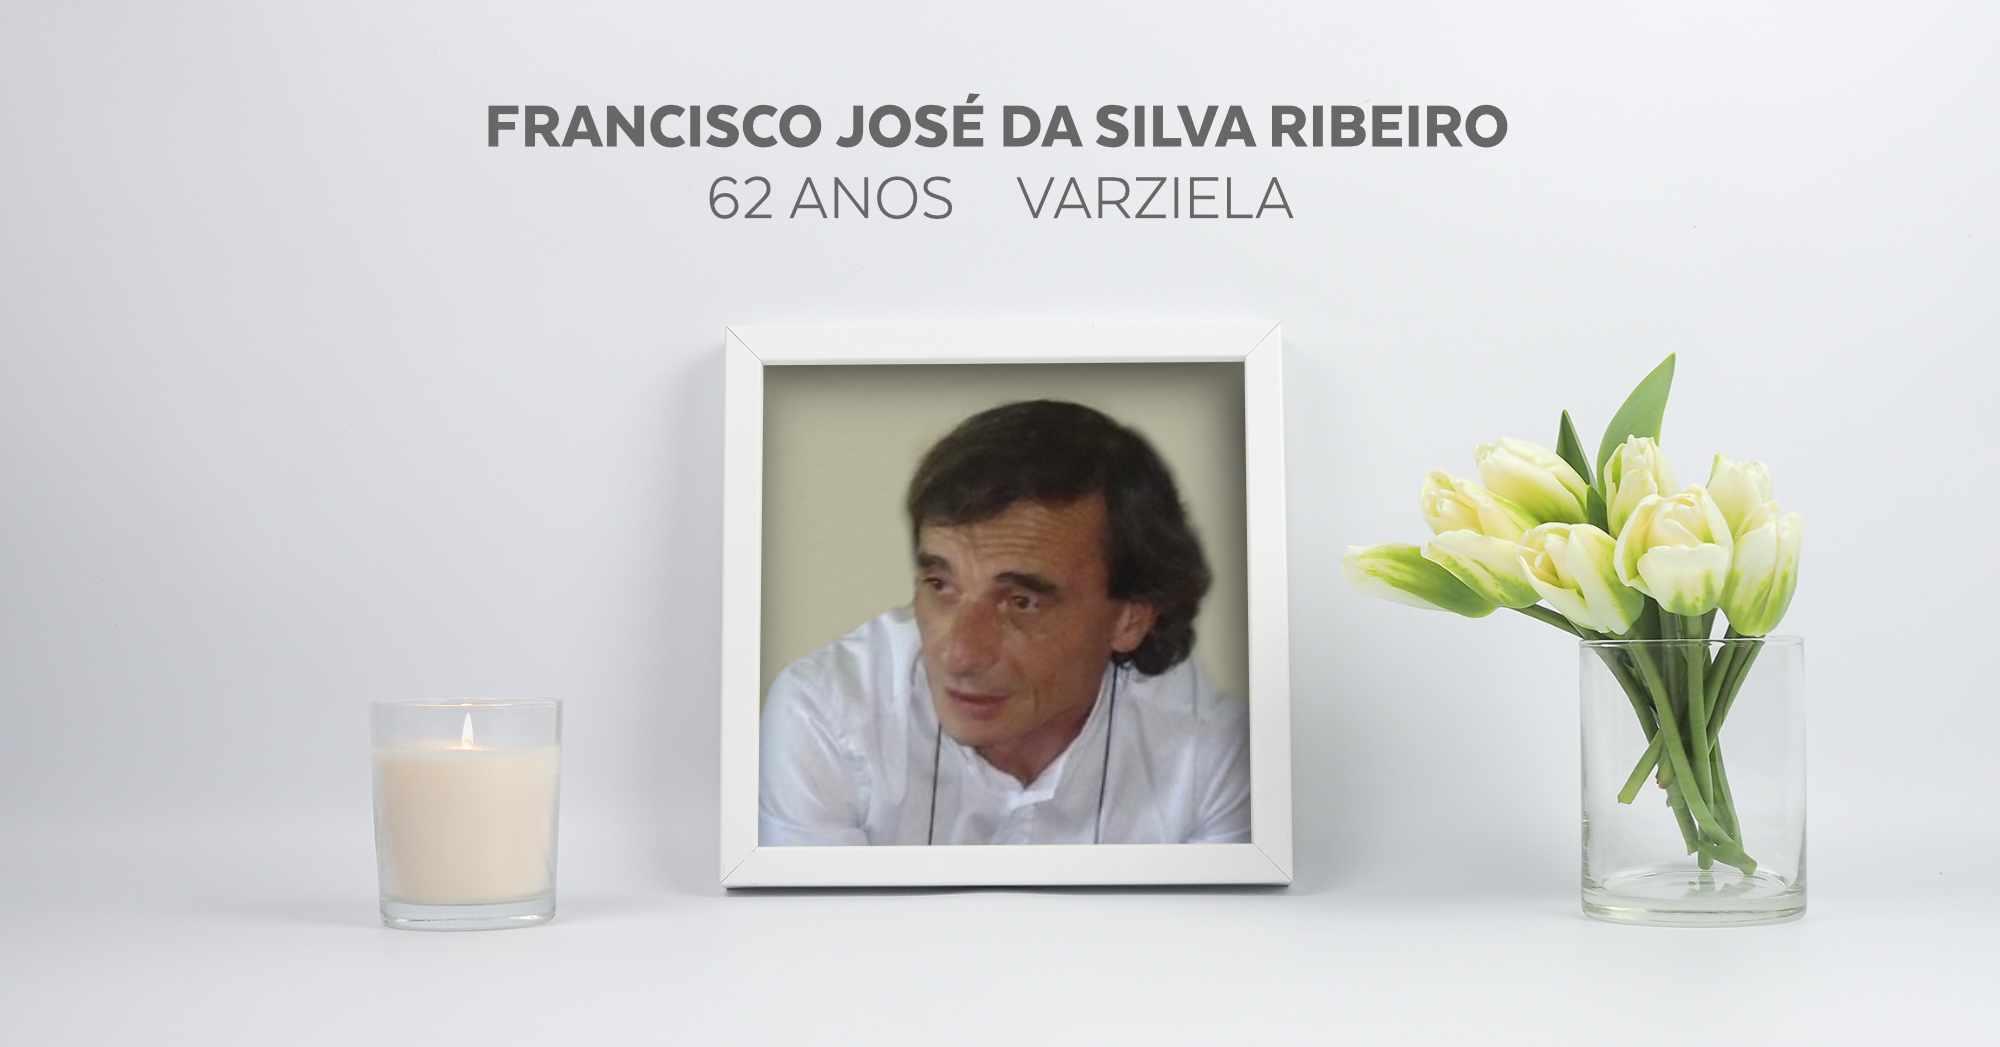 Francisco José da Silva Ribeiro